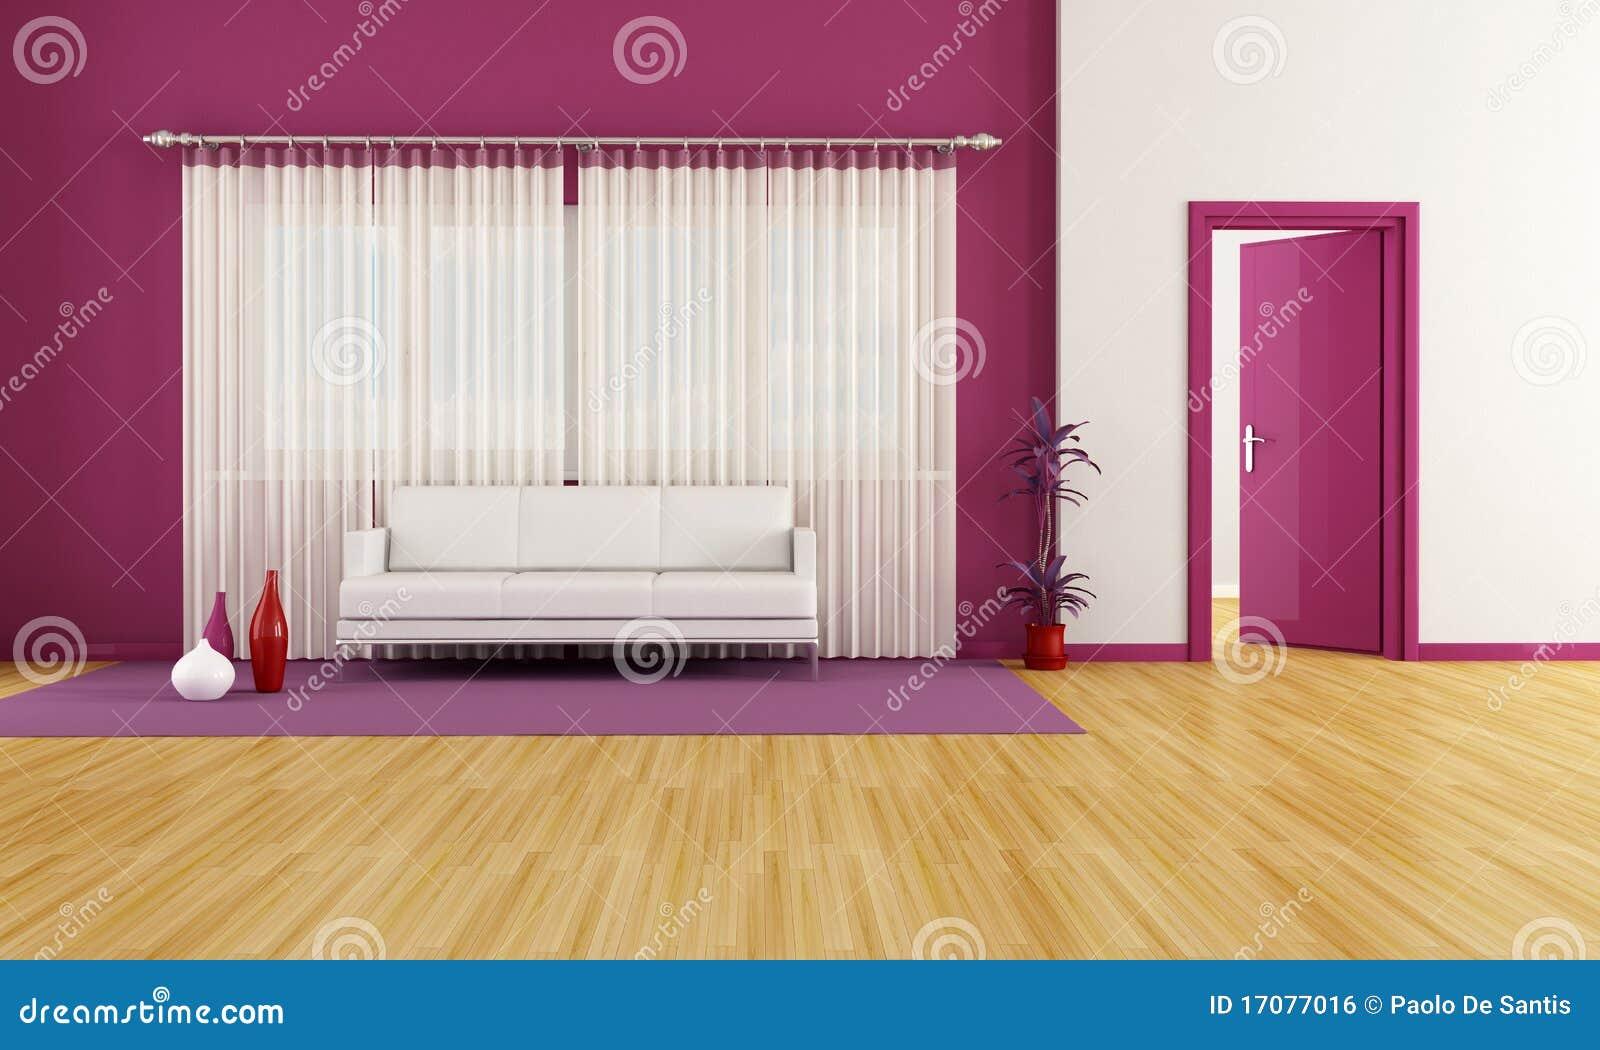 Sala De Estar Roxa E Branca Imagem de Stock Royalty Free  Imagem